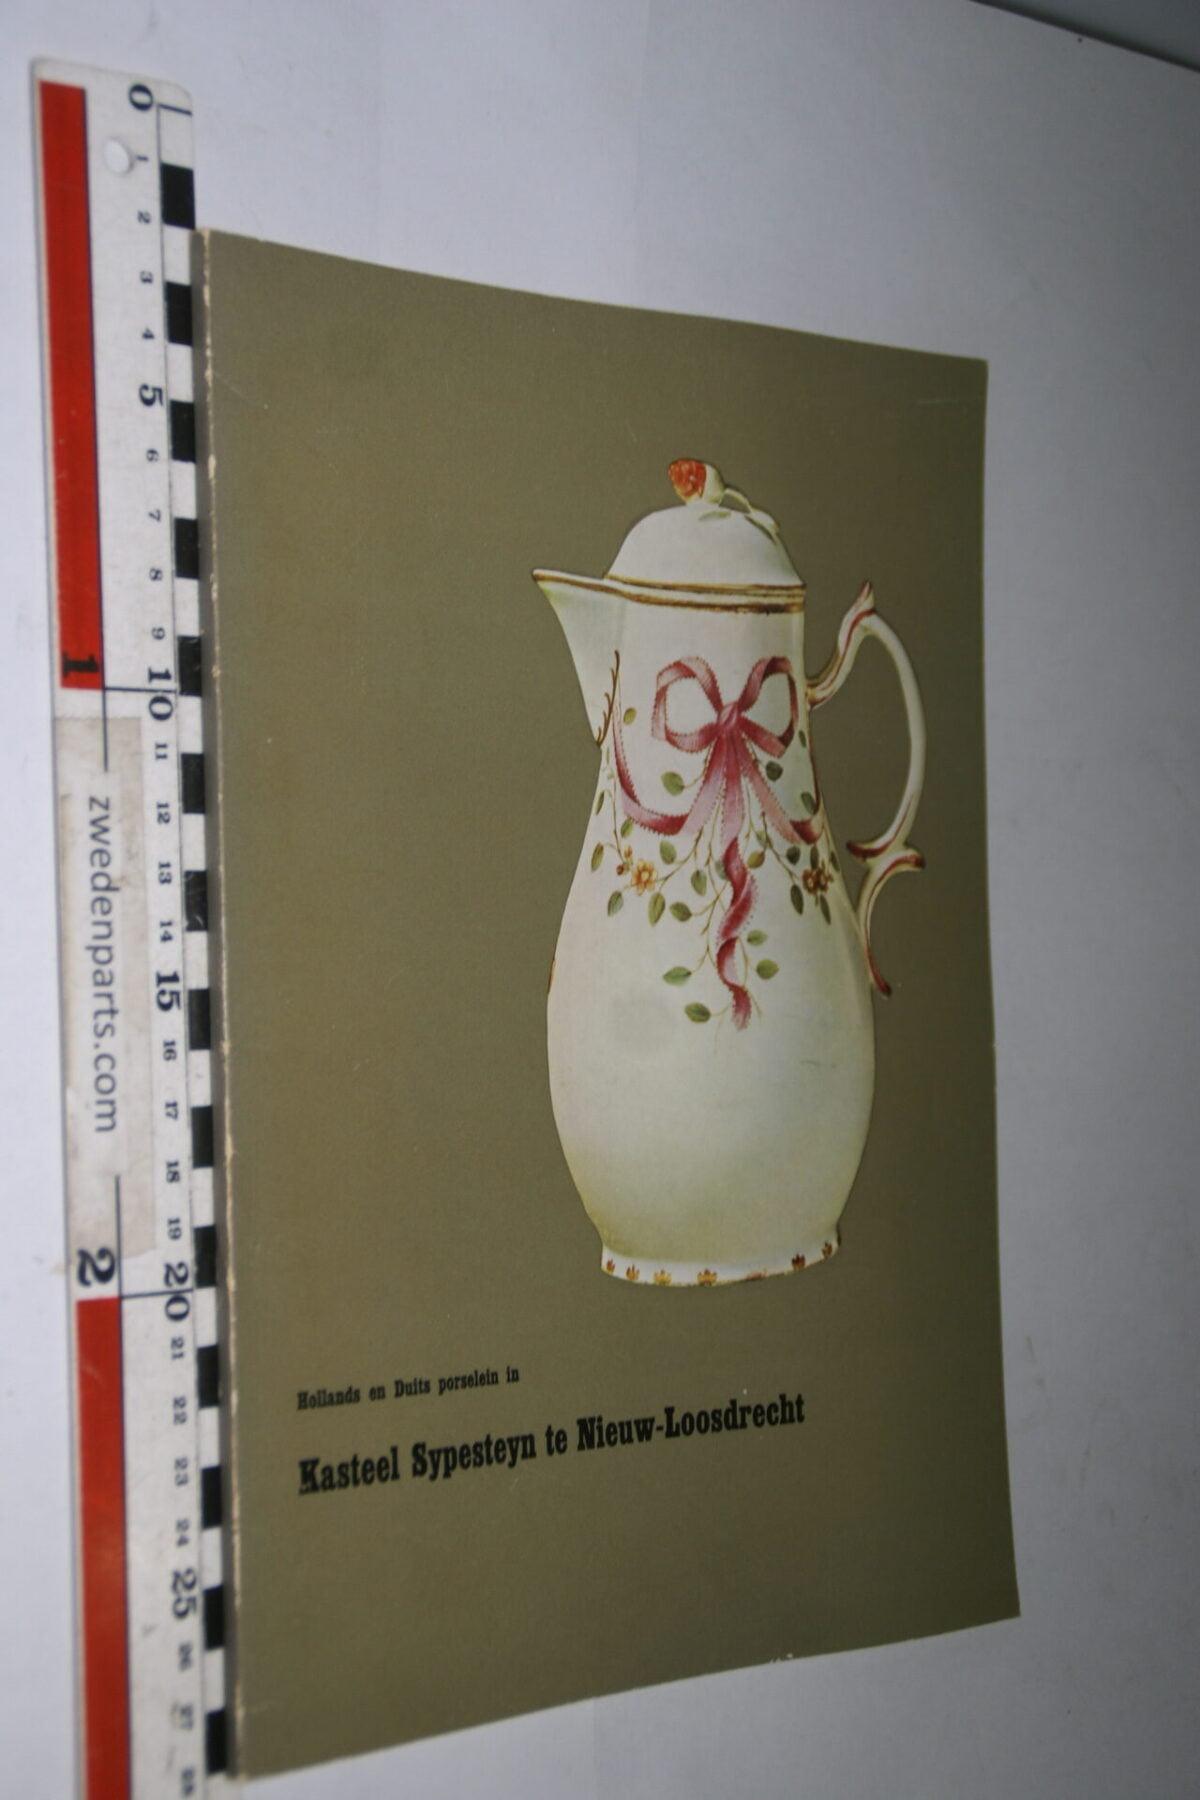 DSC06741 1966 maart  boek Loosdrects porselein in Kasteel Sypesteyn-a48ed92d